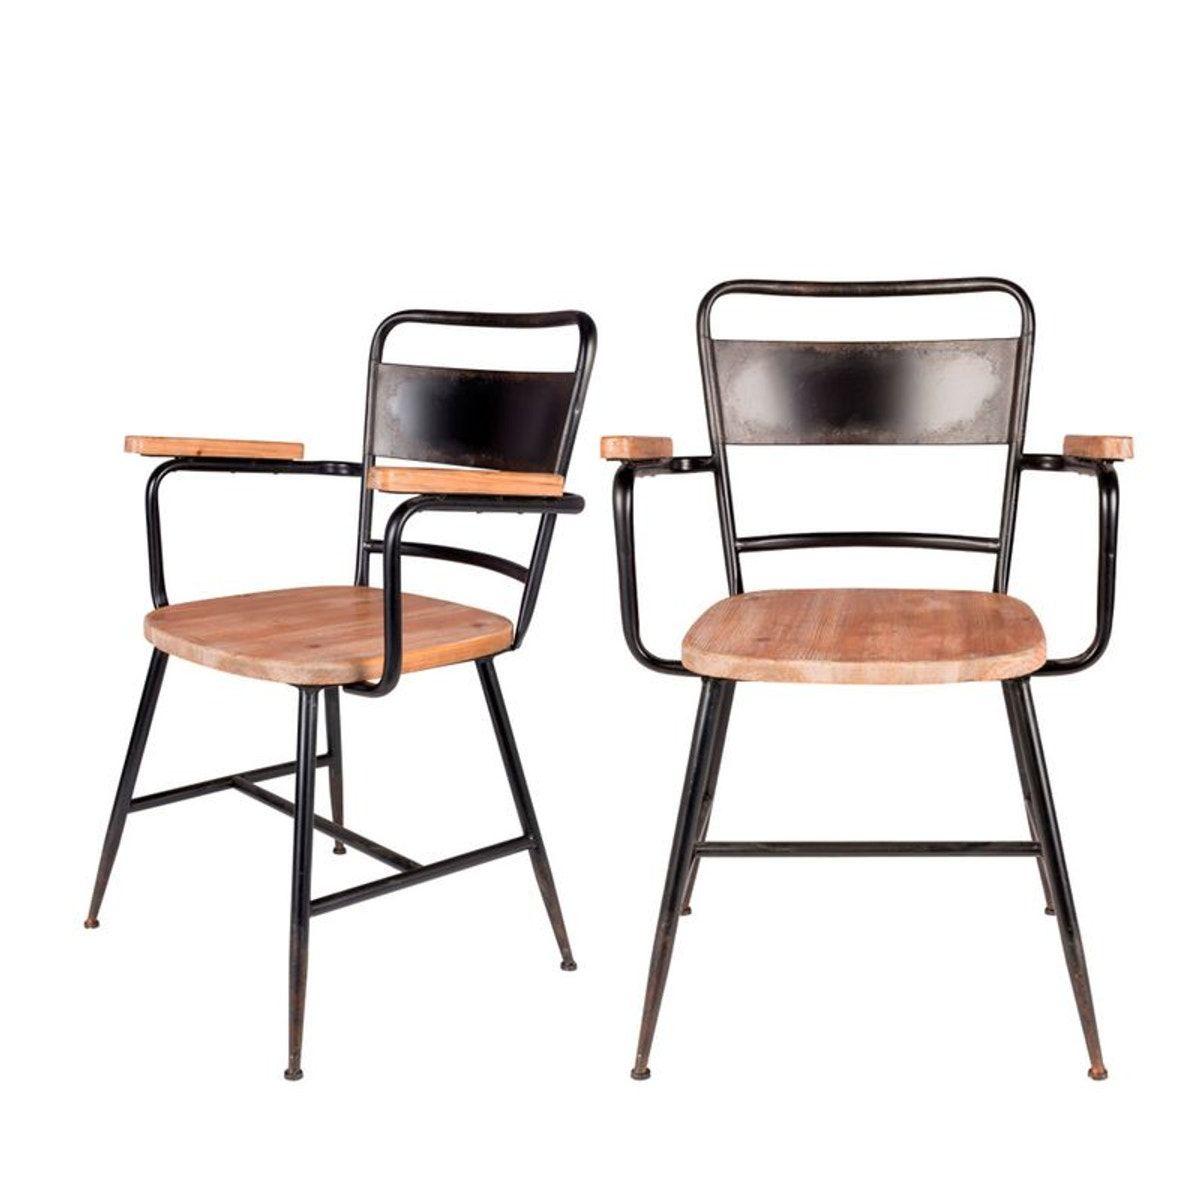 Gene 2 Chaises Avec Accoudoirs Vintage Chaise Vintage Chaise Accoudoir Et Chaise